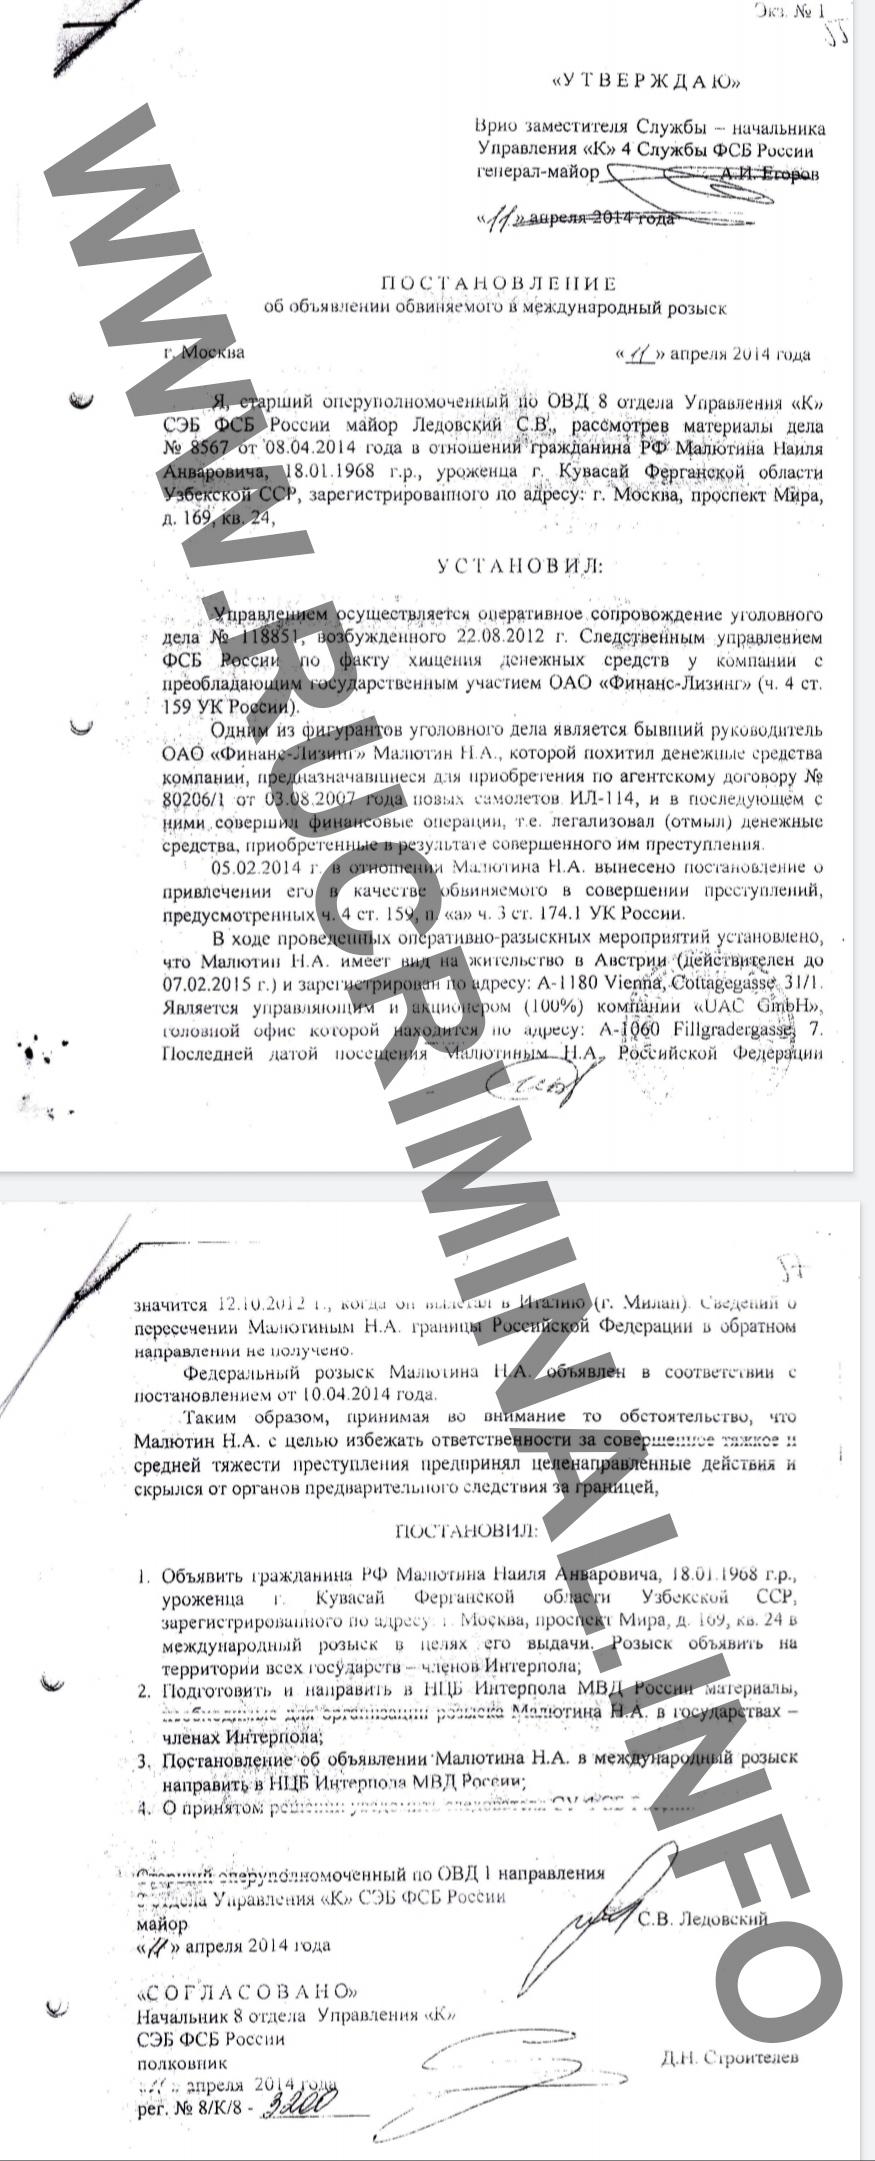 20200421 033310 - Николай Будило на вершине «дочки» Ростеха АО «РТ-Химкомпозит»